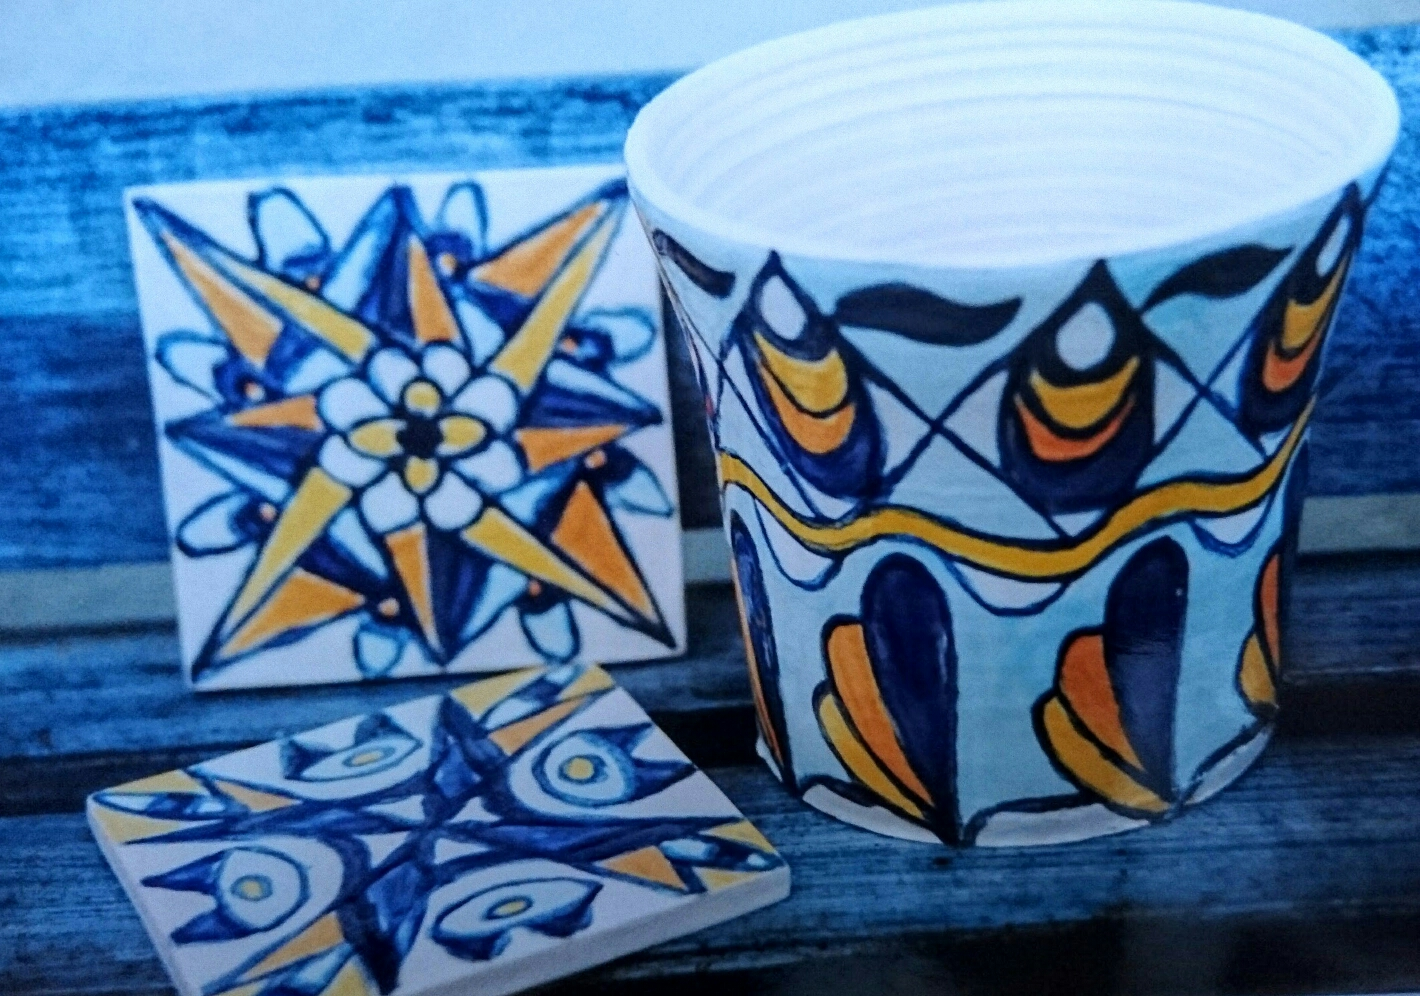 Tiles and pot azuleijos